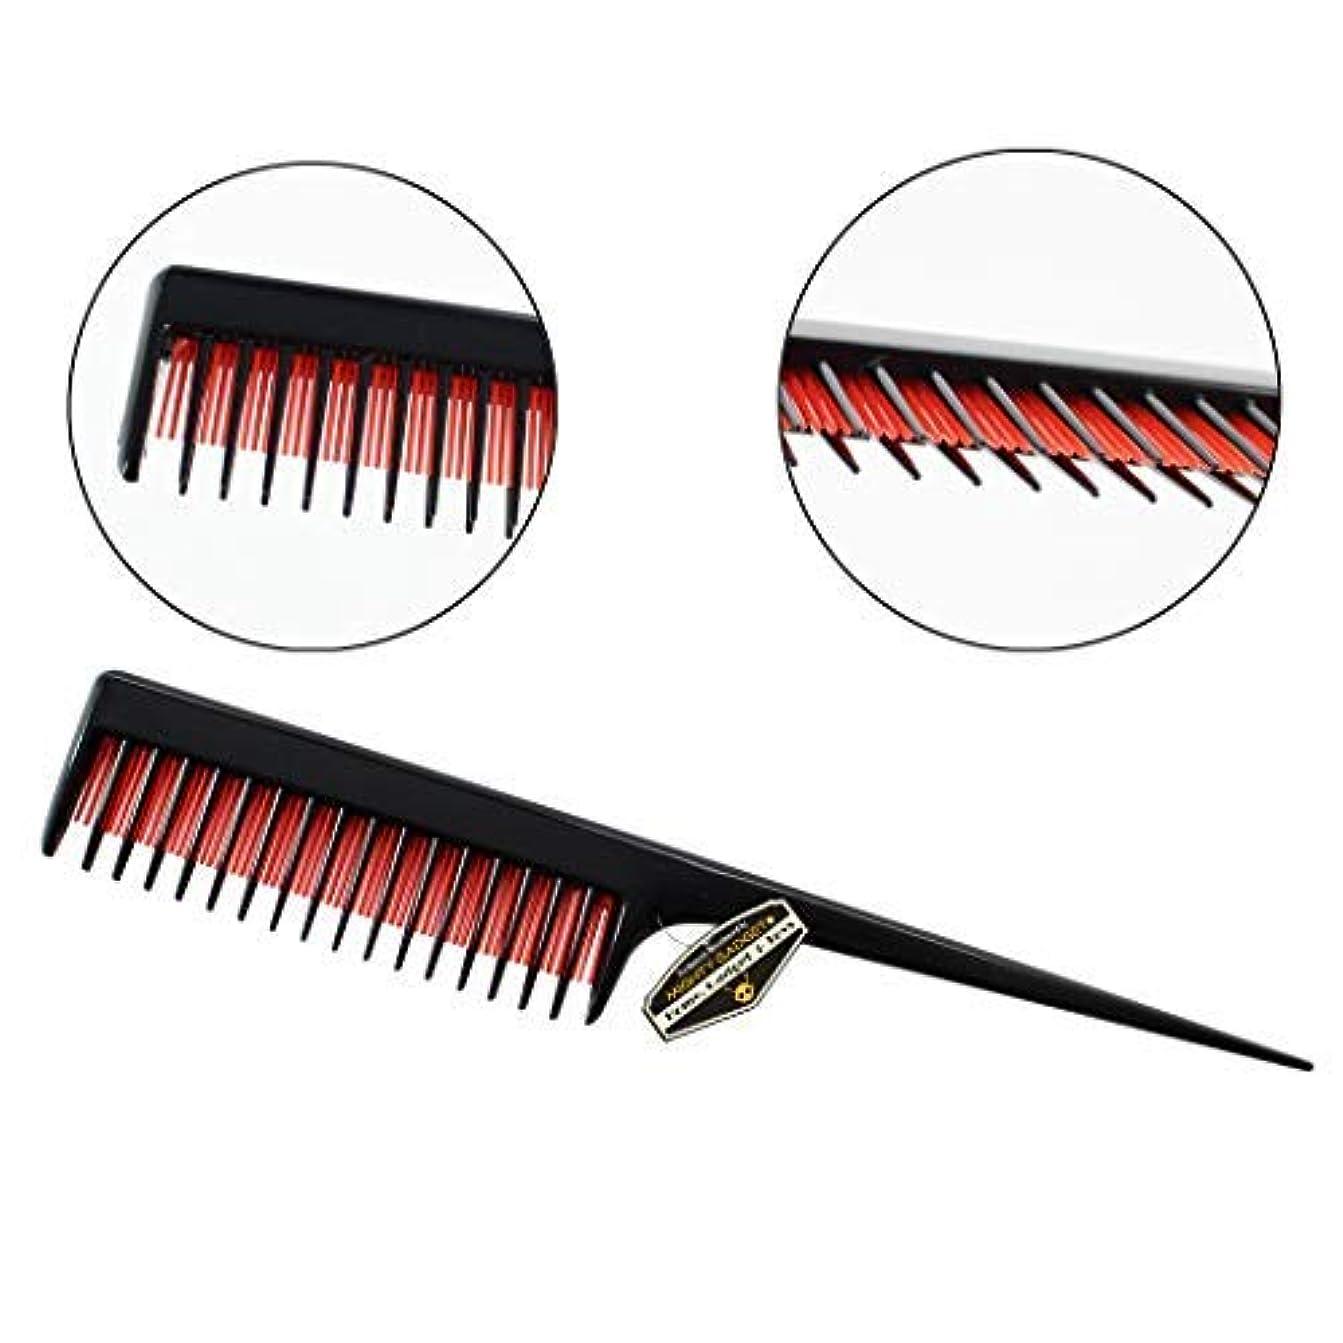 申し込むスカーフ事業Mighty Gadget 8 inch Teasing Comb - Rat Tail Comb for Back Combing, Root Teasing, Adding Volume, Evening Styling...